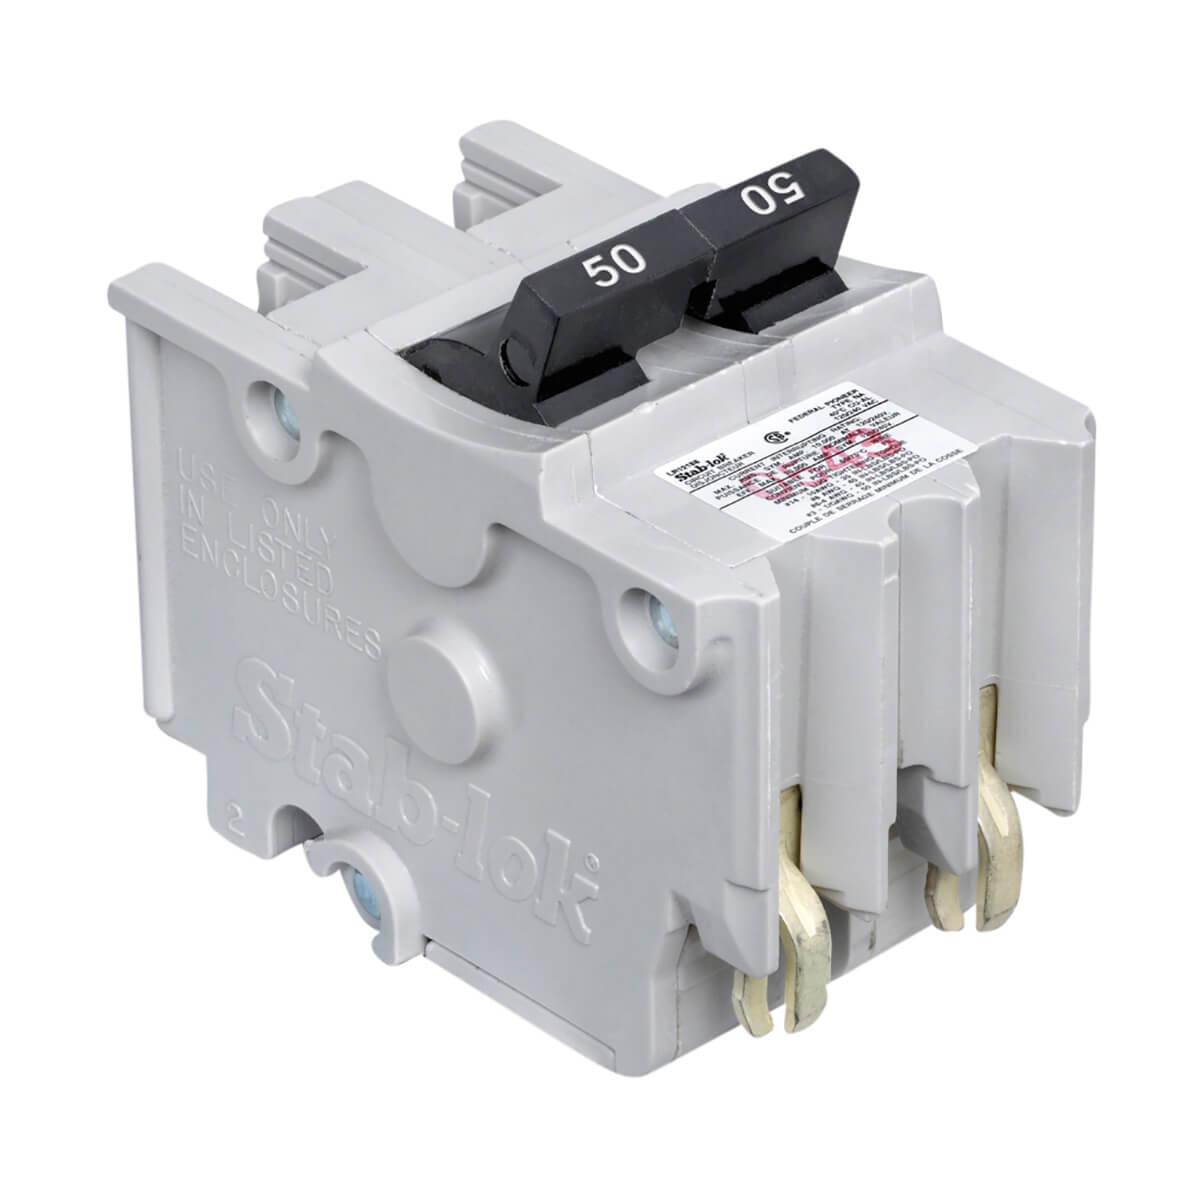 Stab-lok (NC) Double Pole 50 Amp Plug-On Circuit Breaker